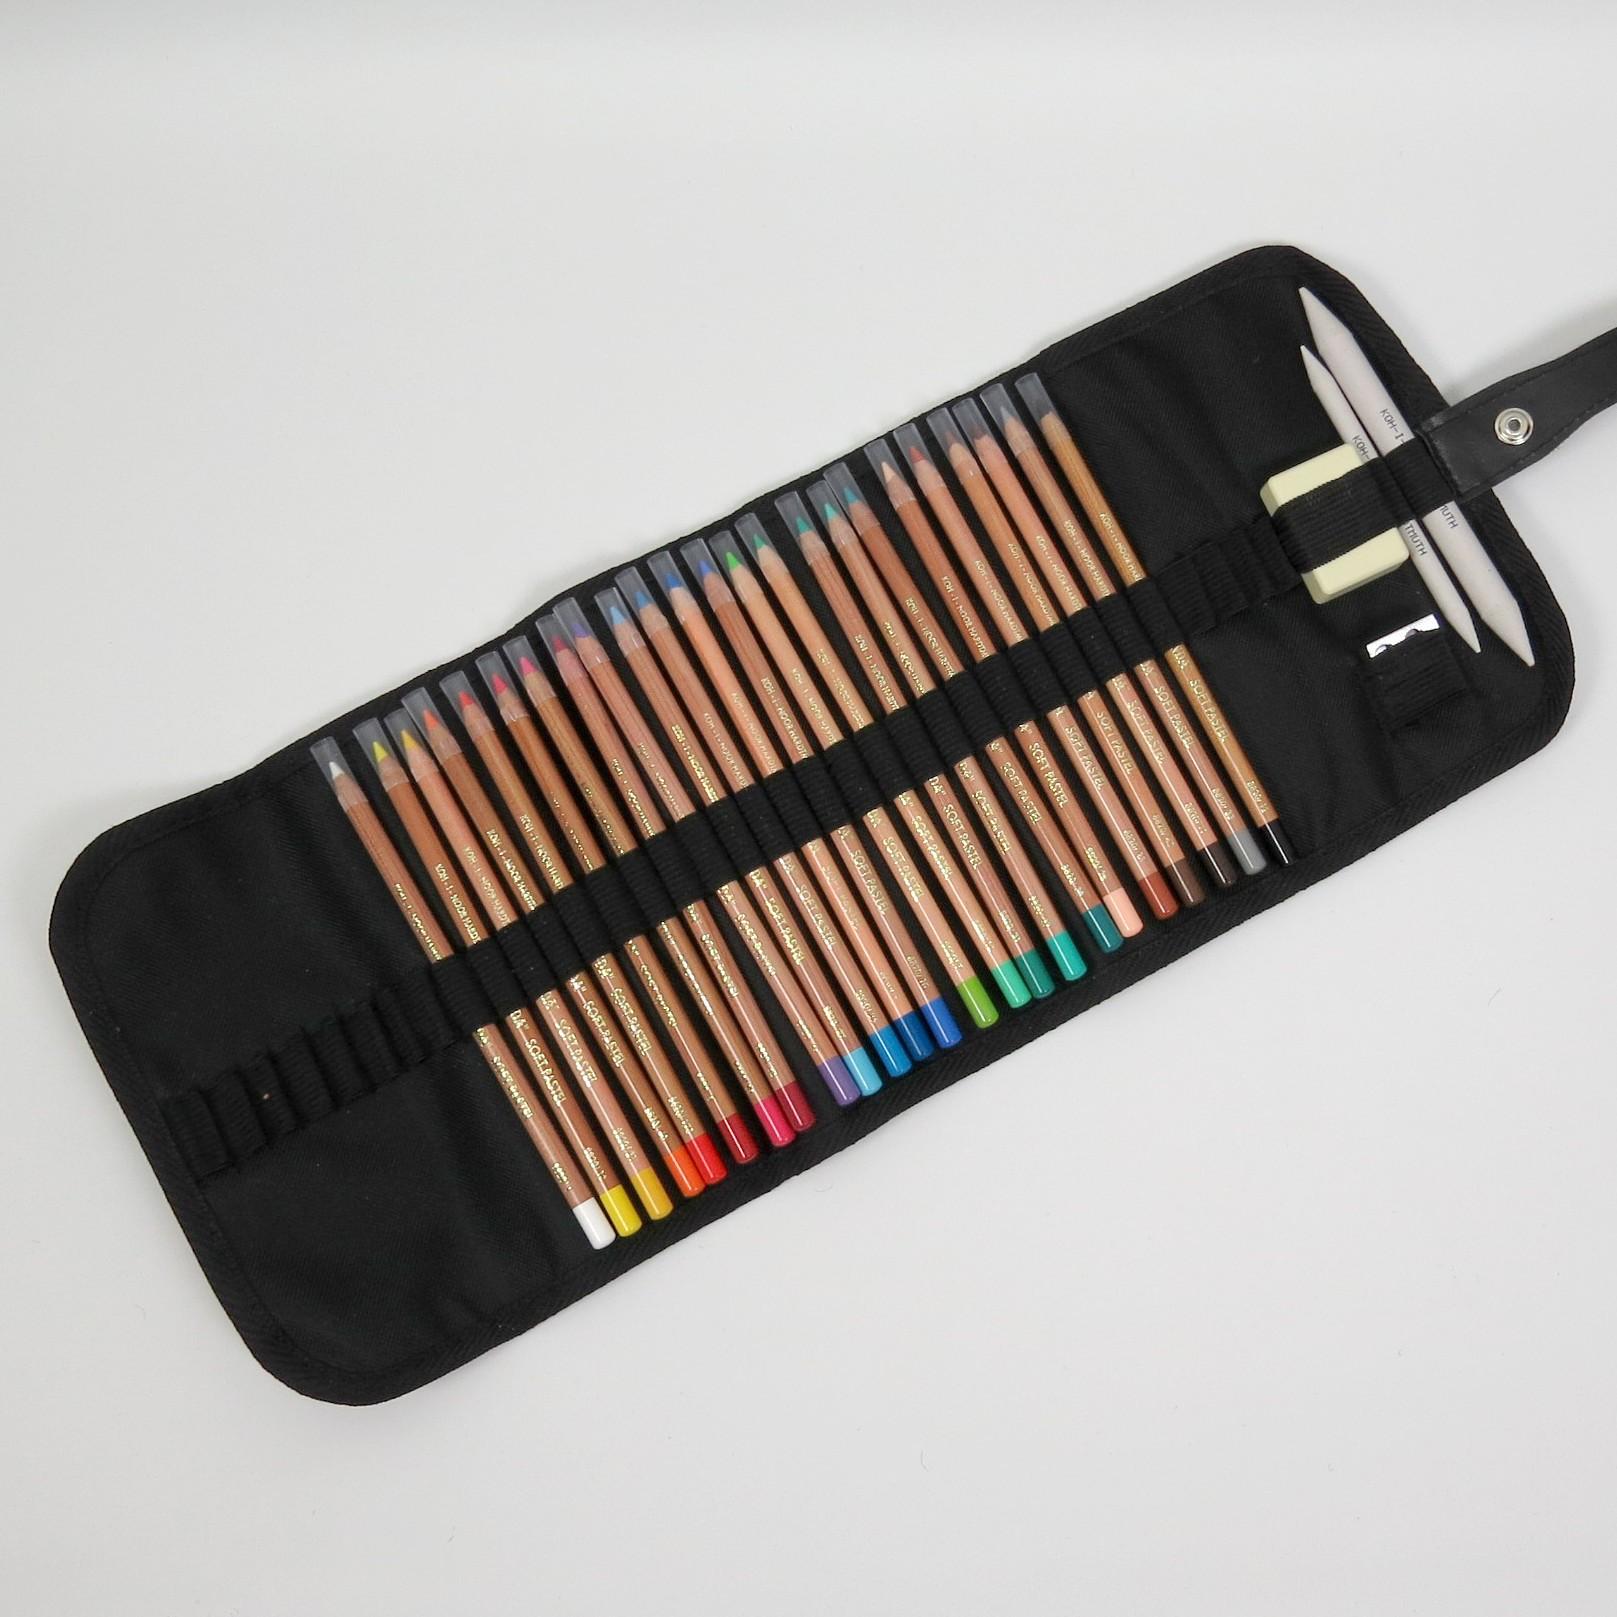 Stifterolle befüllt mit 24 Gioconda Soft Pastellkreide Stiften von Koh-I-Noor